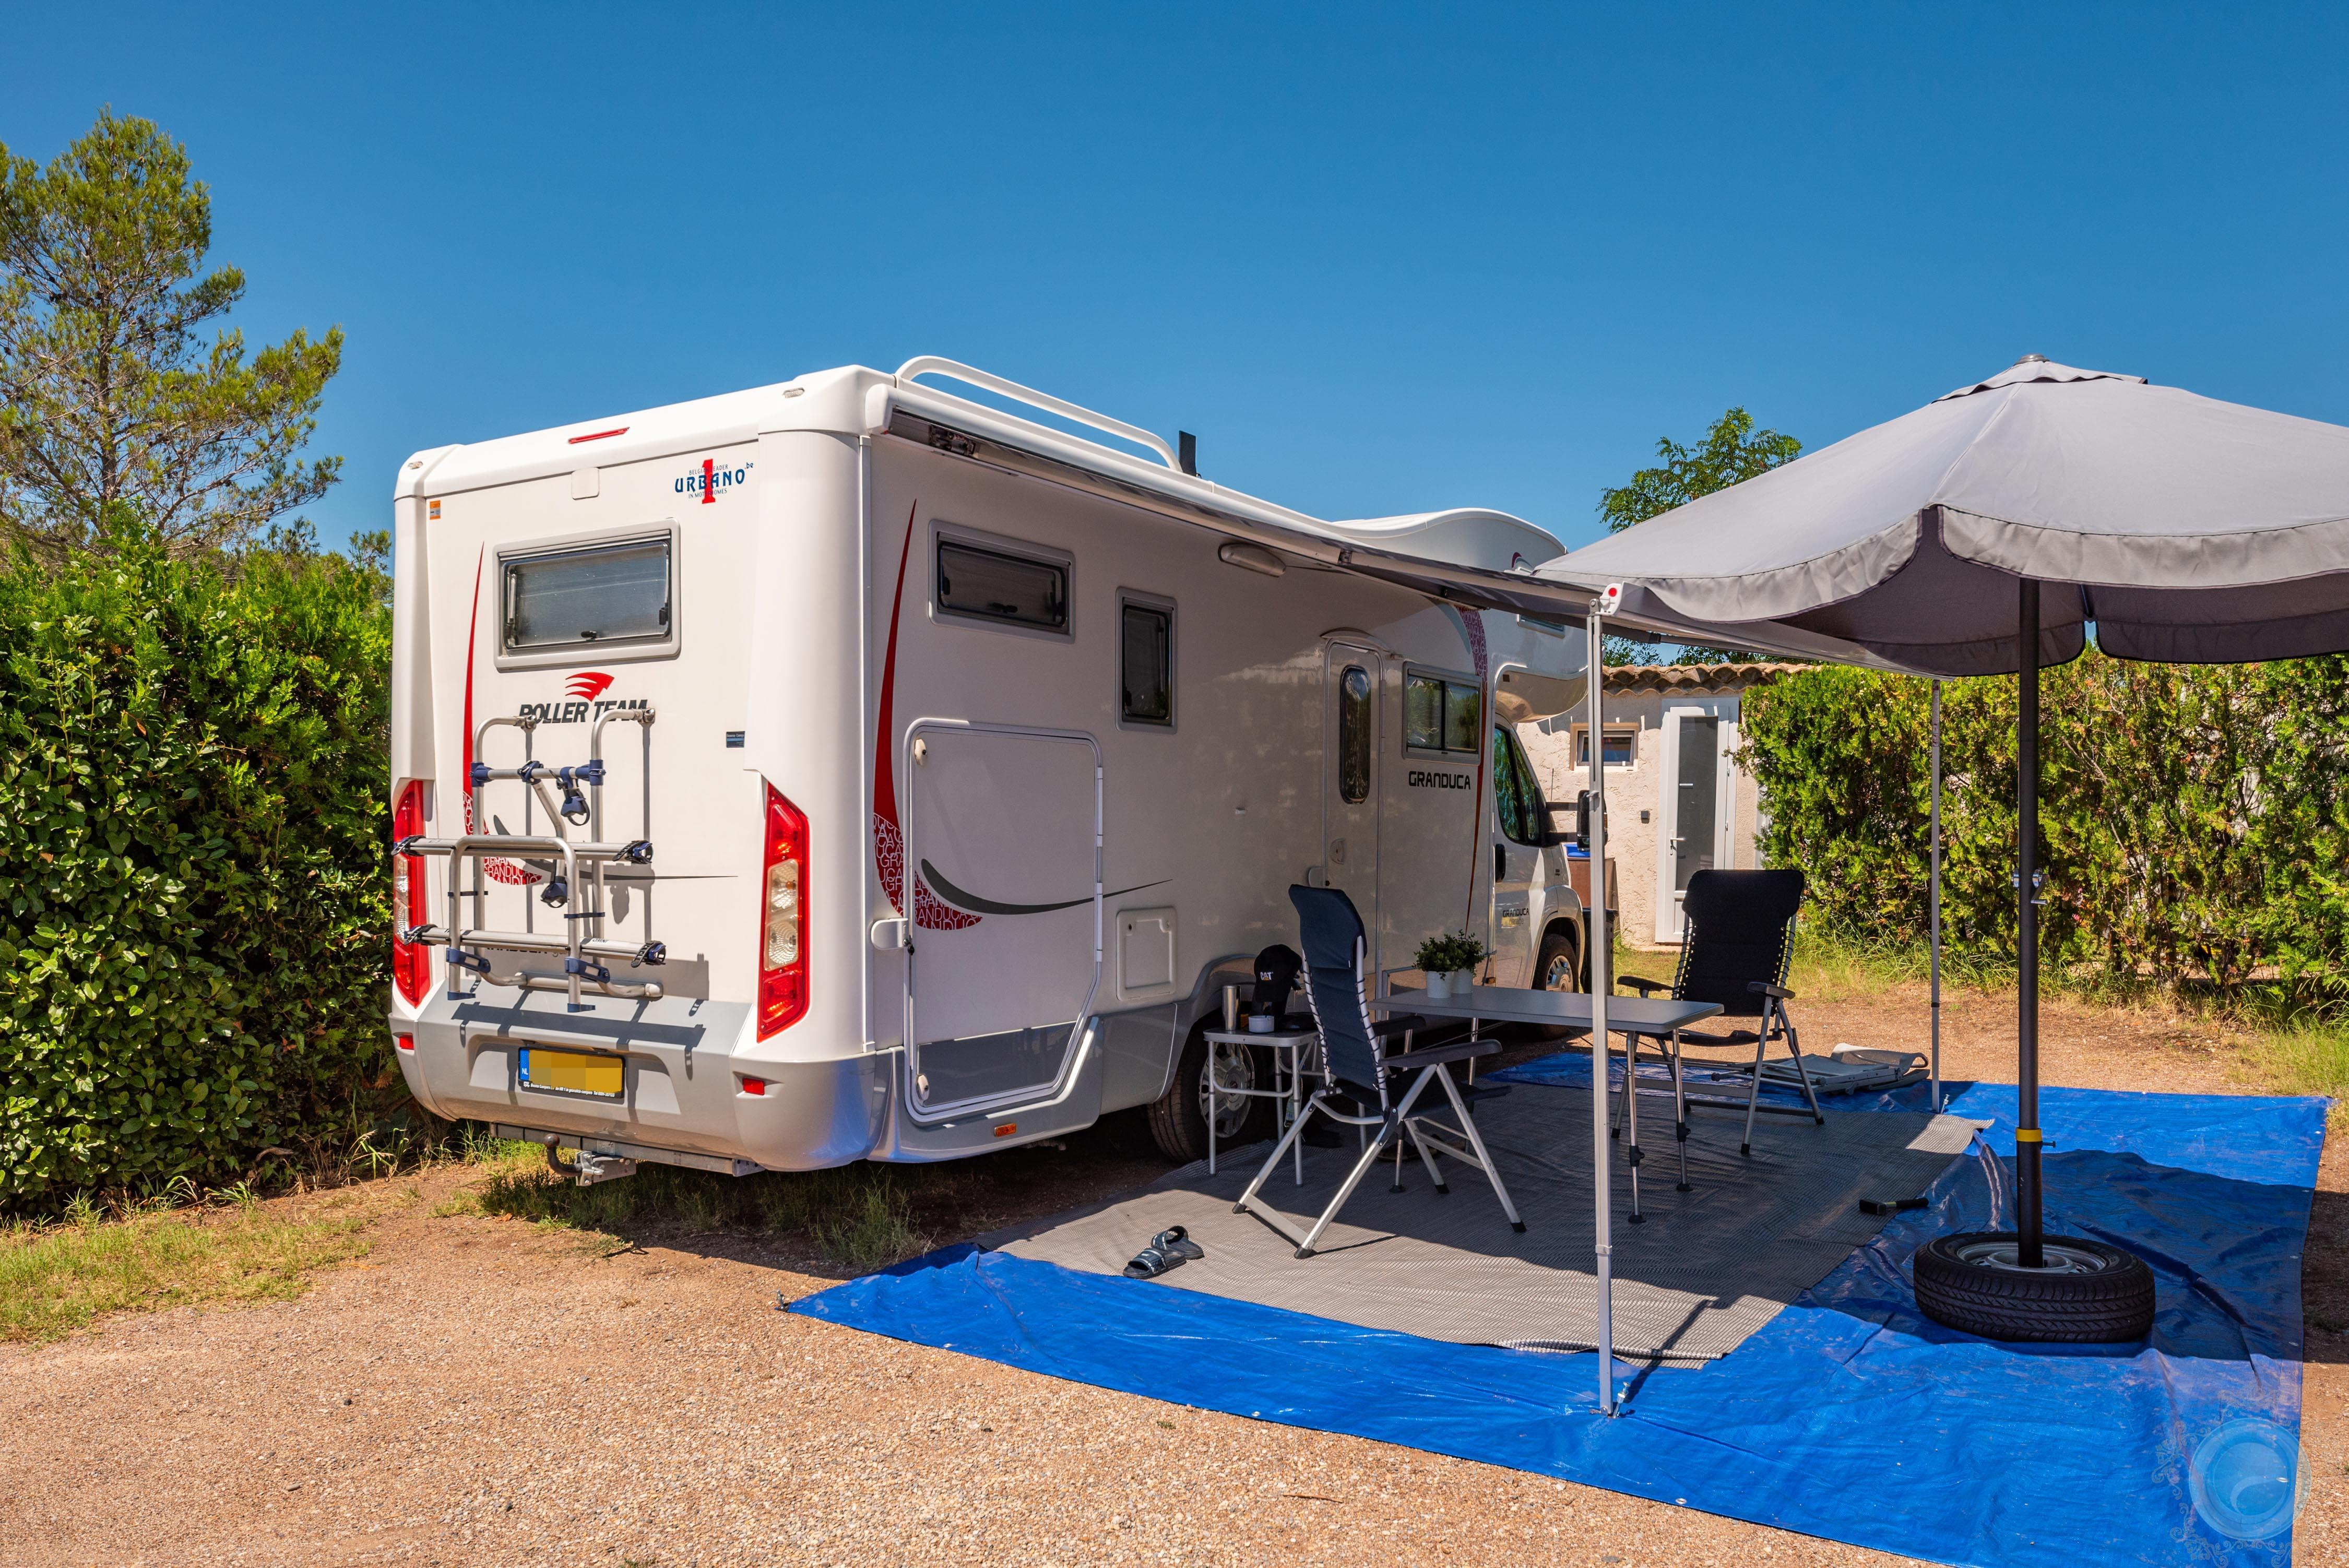 Emplacement - Emplacement 'Luxe' (Caravane / Campingcar, Attention: Pas De Tente) - Esterel Caravaning